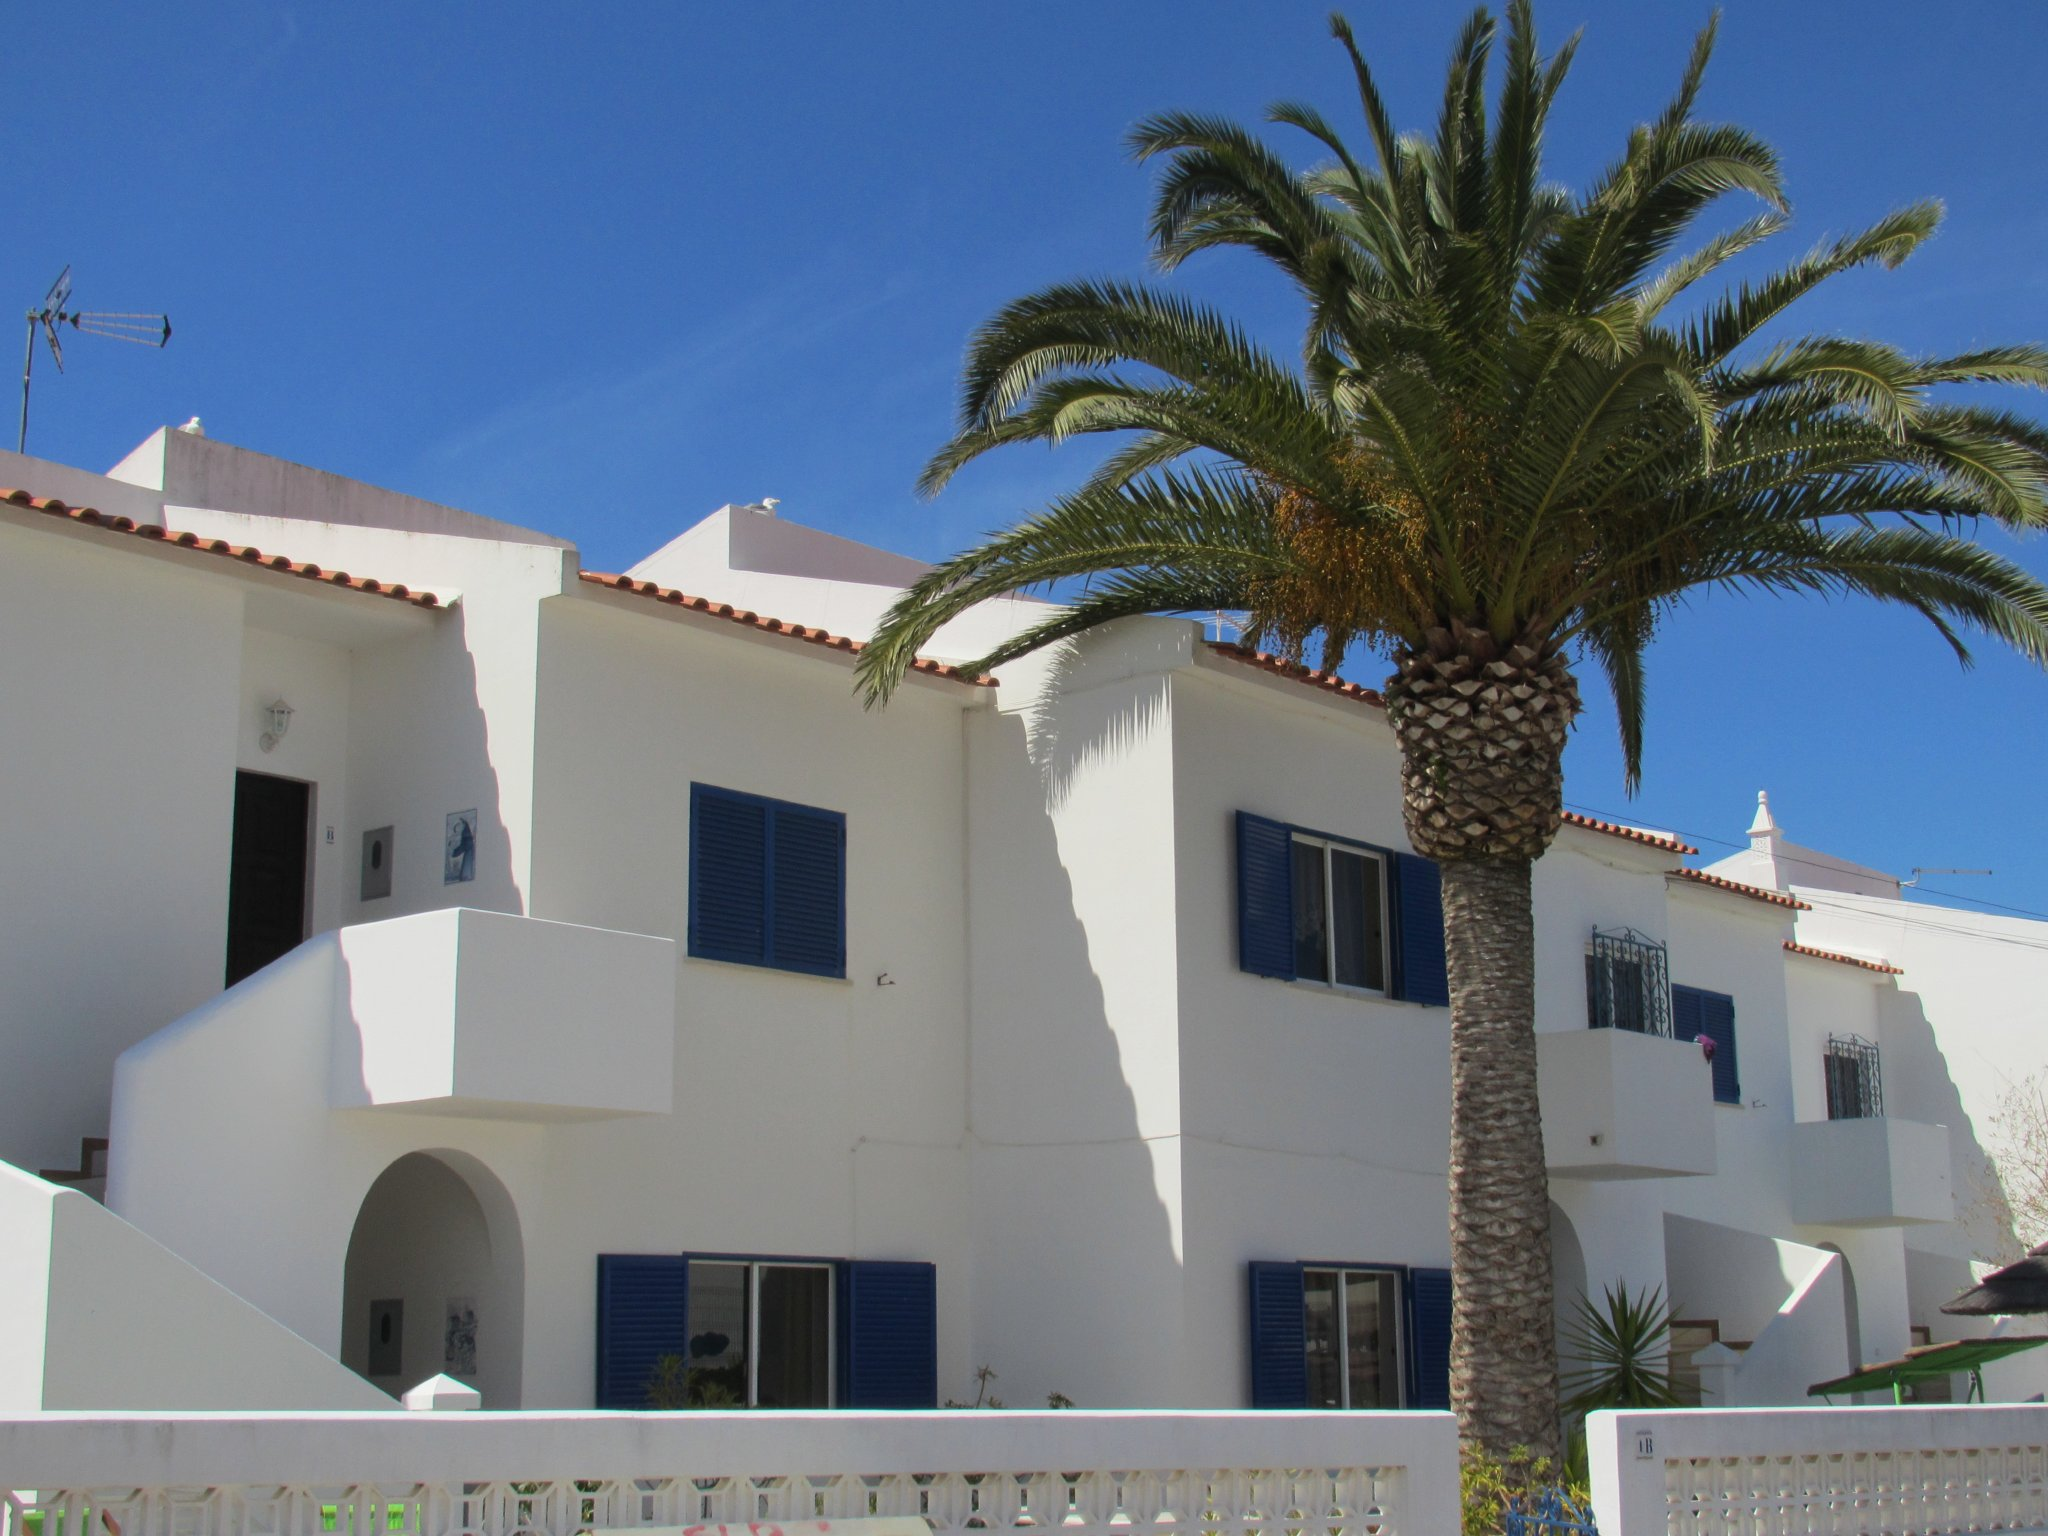 blau/weiße Häuser mit Palmen